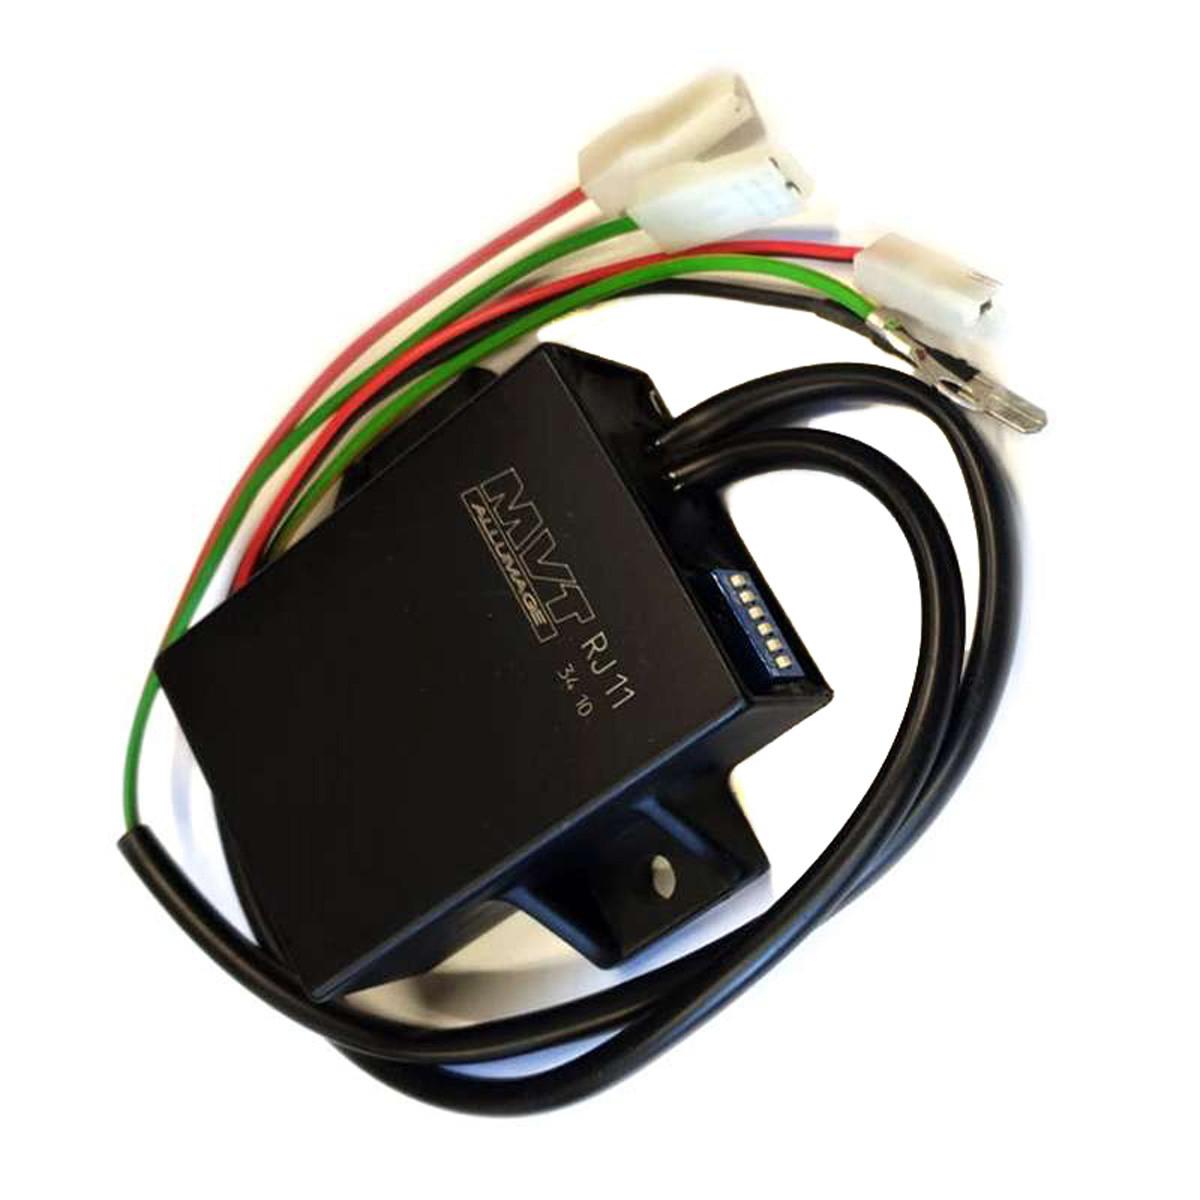 Calculateur Multicourbes Derbi E2 E3 - MVT Integral INT11